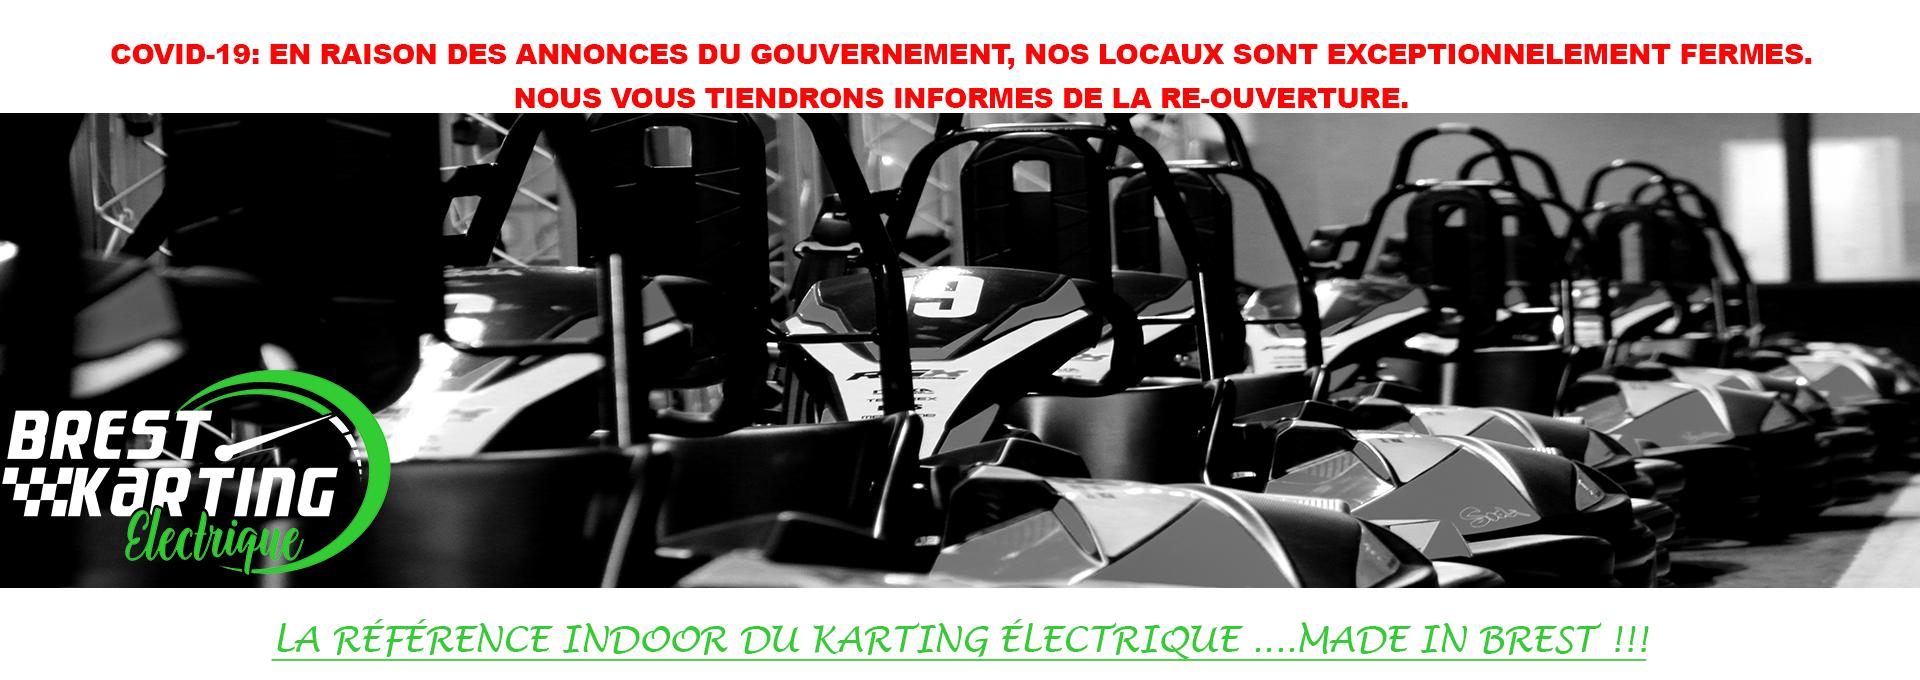 Brest Karting Electrique